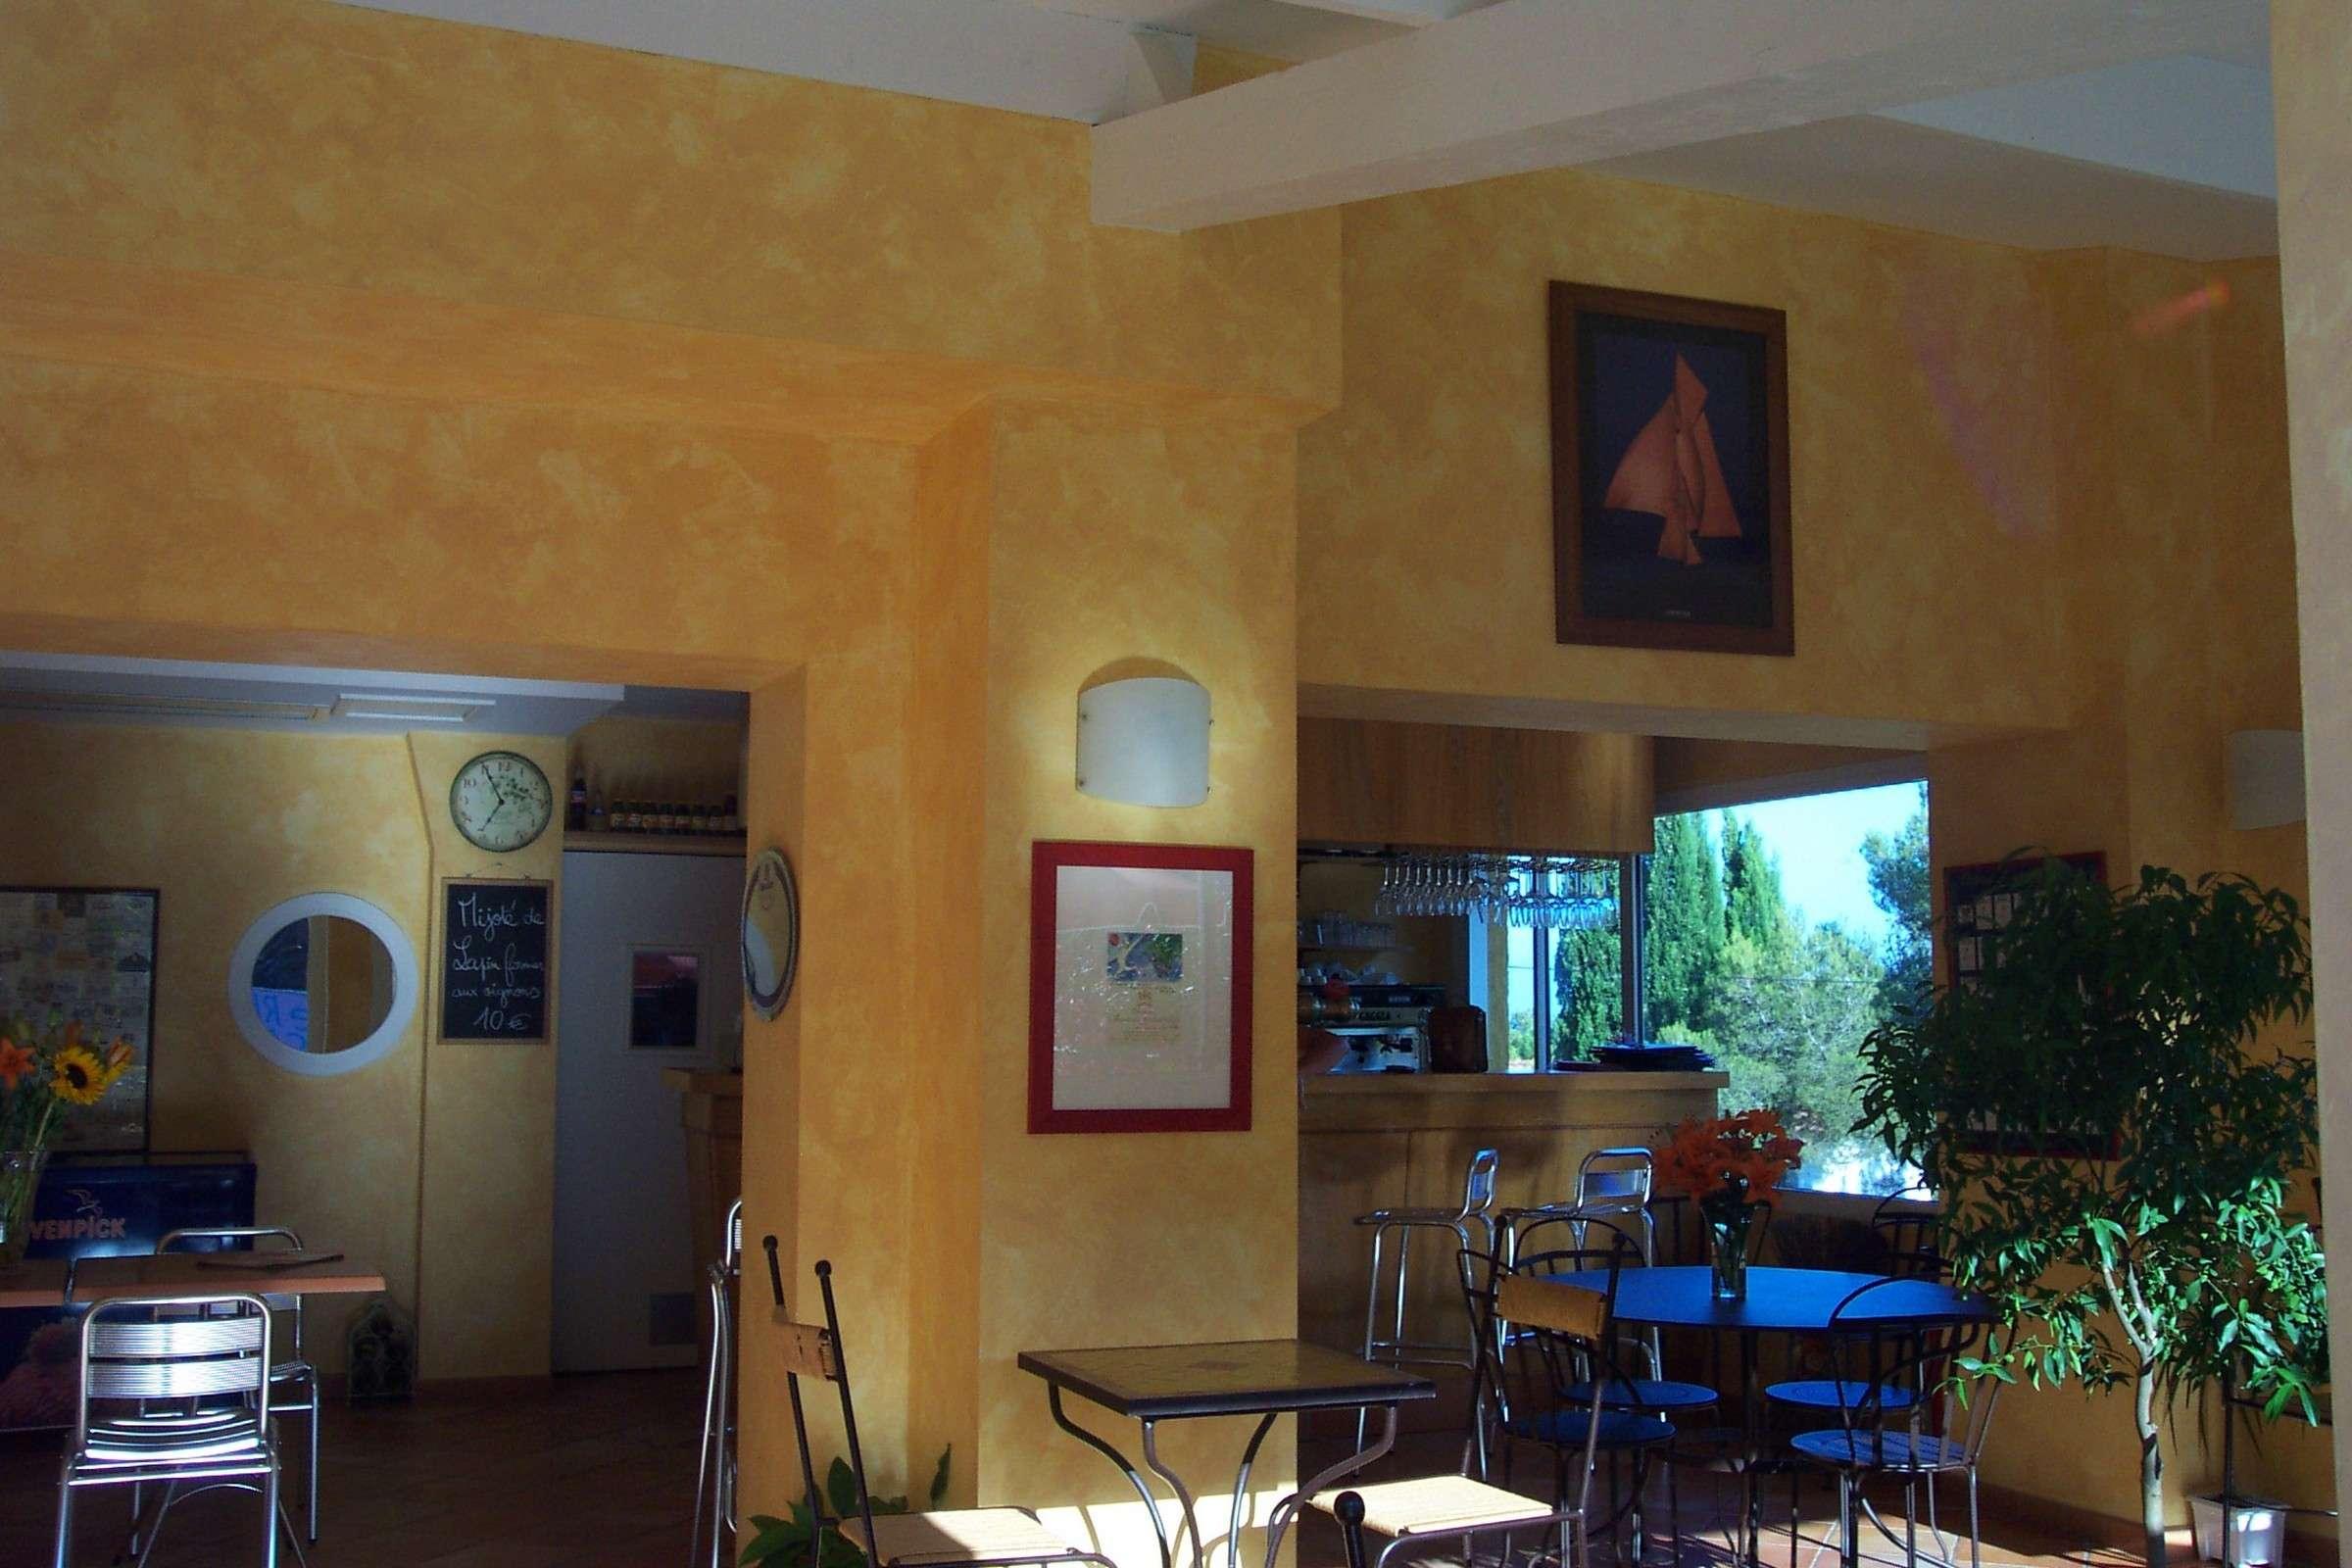 murs peints la chaux dans un h tel restaurant peinture la chaux. Black Bedroom Furniture Sets. Home Design Ideas